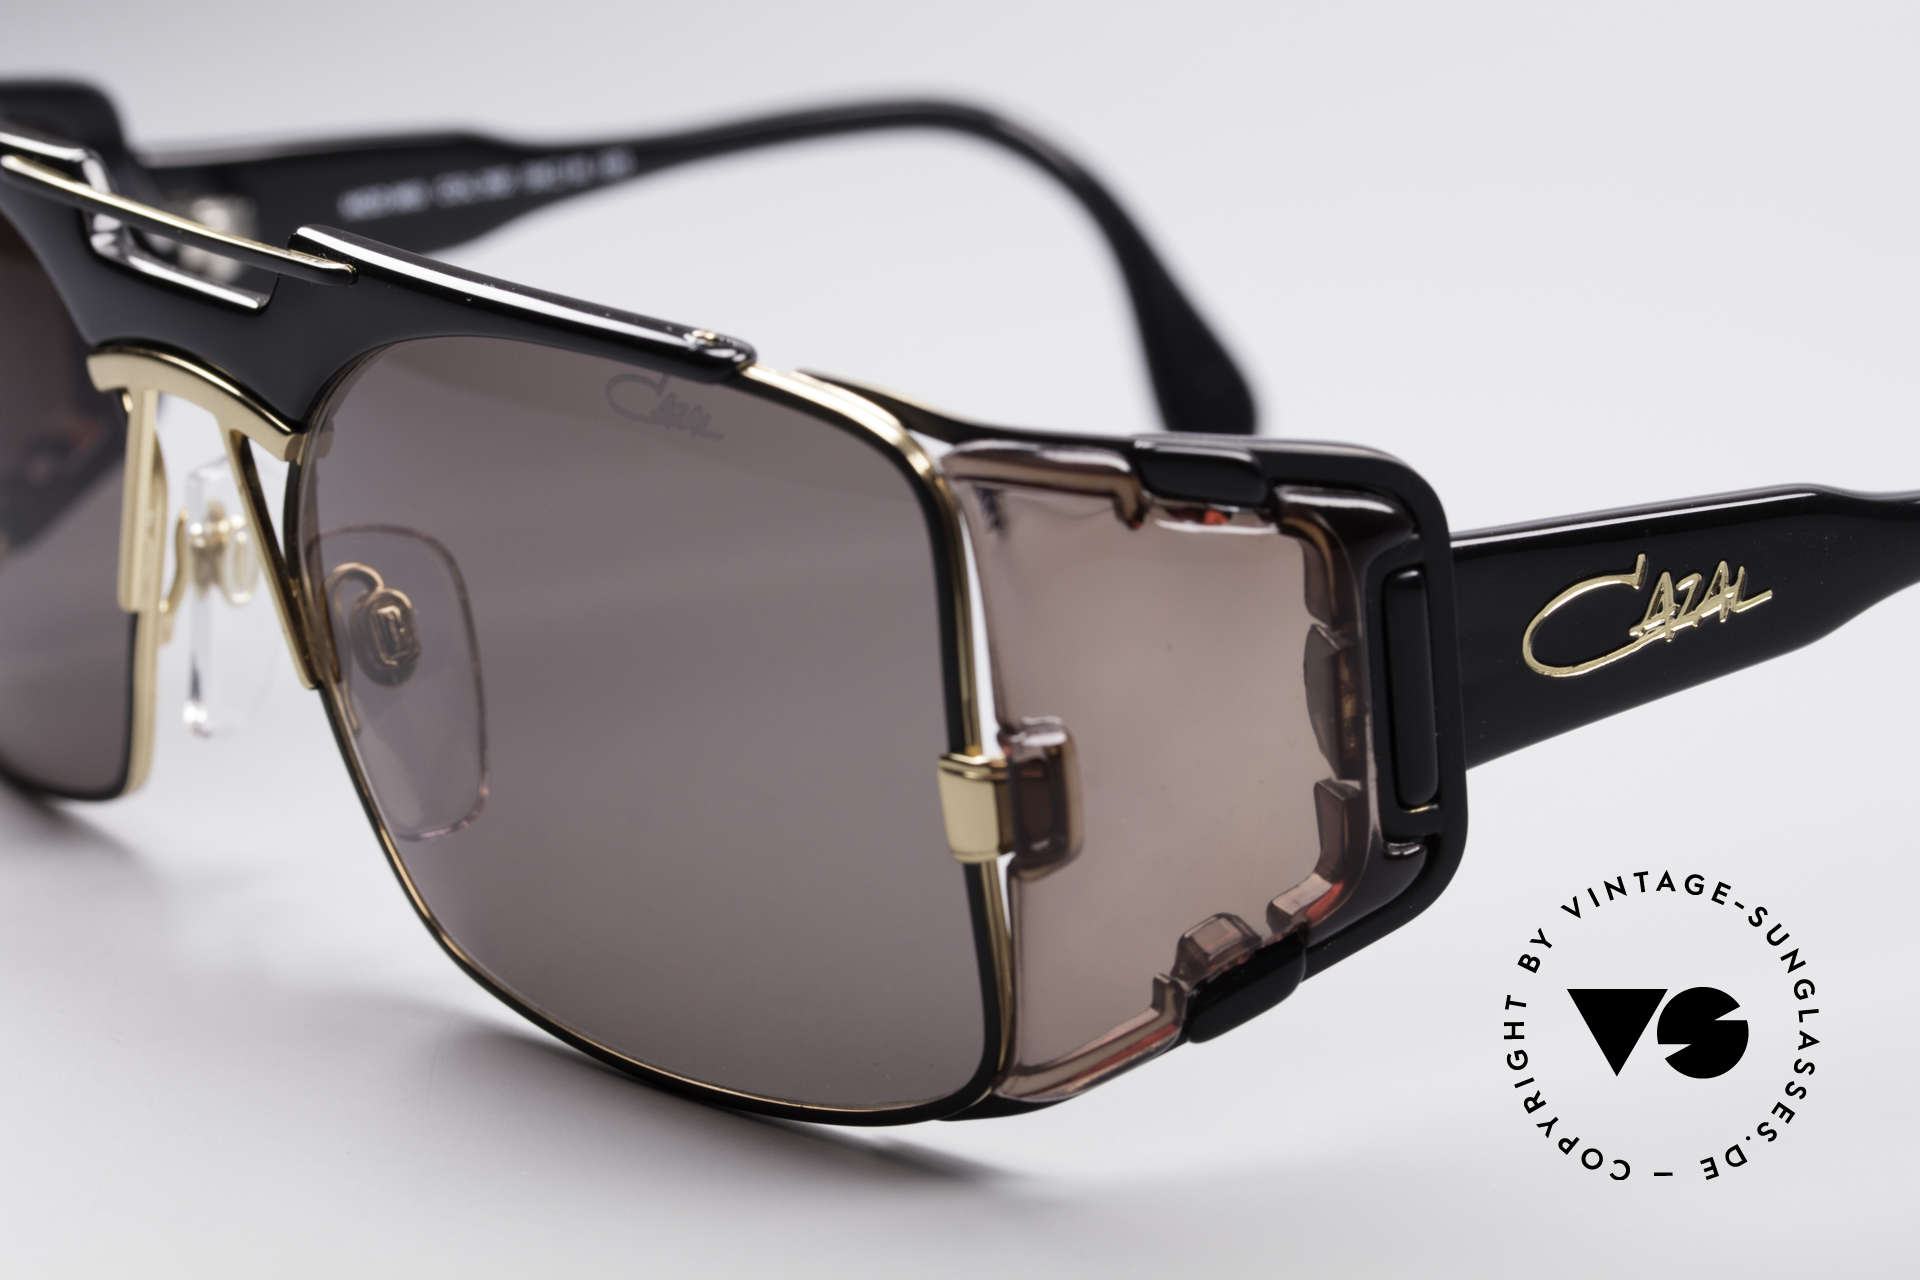 Cazal 963 Old School Hip Hop Brille, ungetragene Rarität inkl. Cazal Karton & Staubbeutel, Passend für Herren und Damen